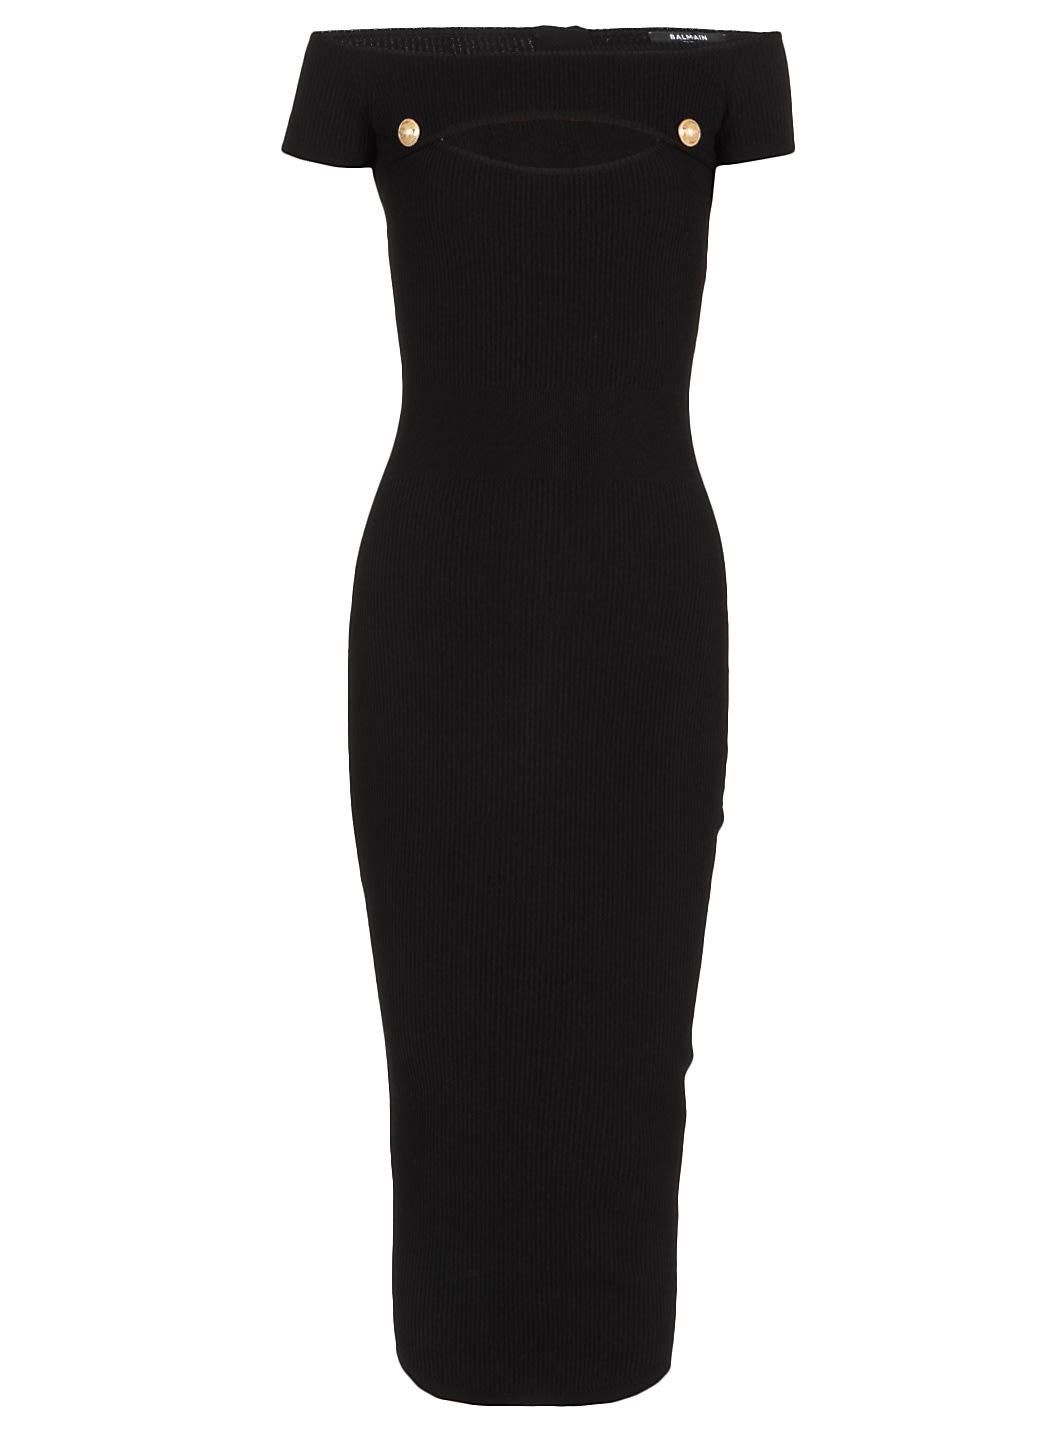 Balmain Knitted Stretch Dress